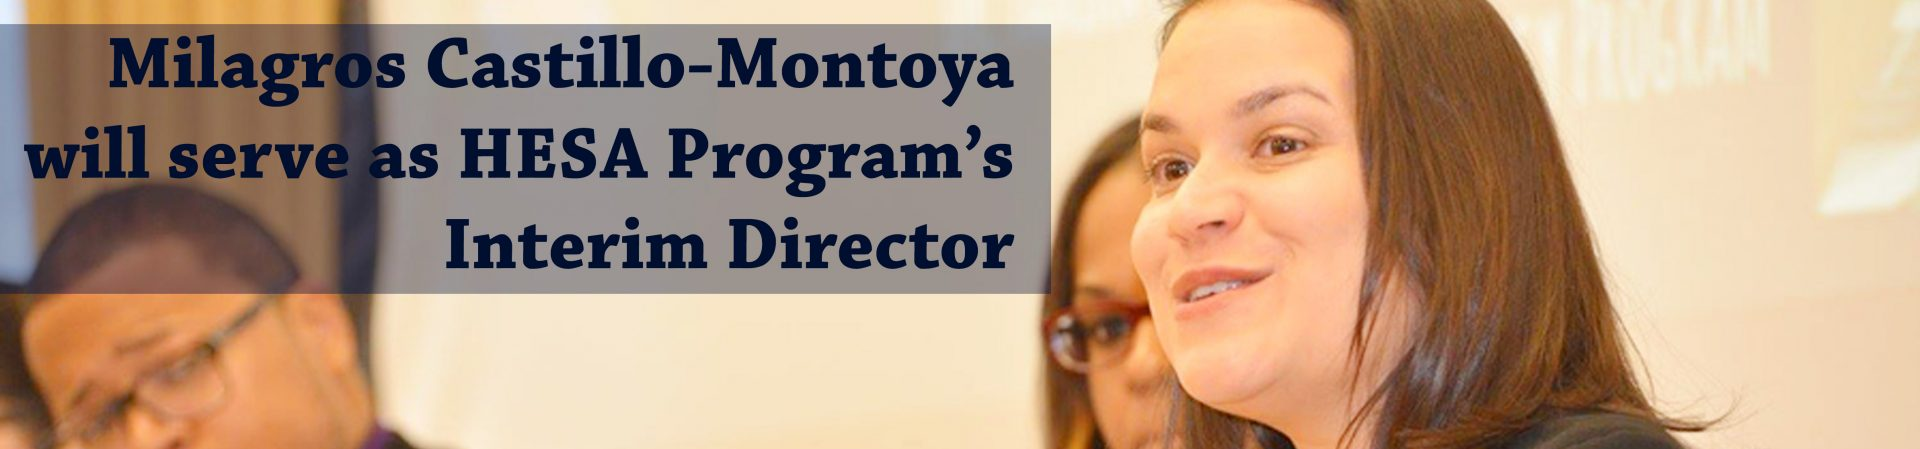 Milagros Castillo-Montoya will serve as HESA's Interim Director